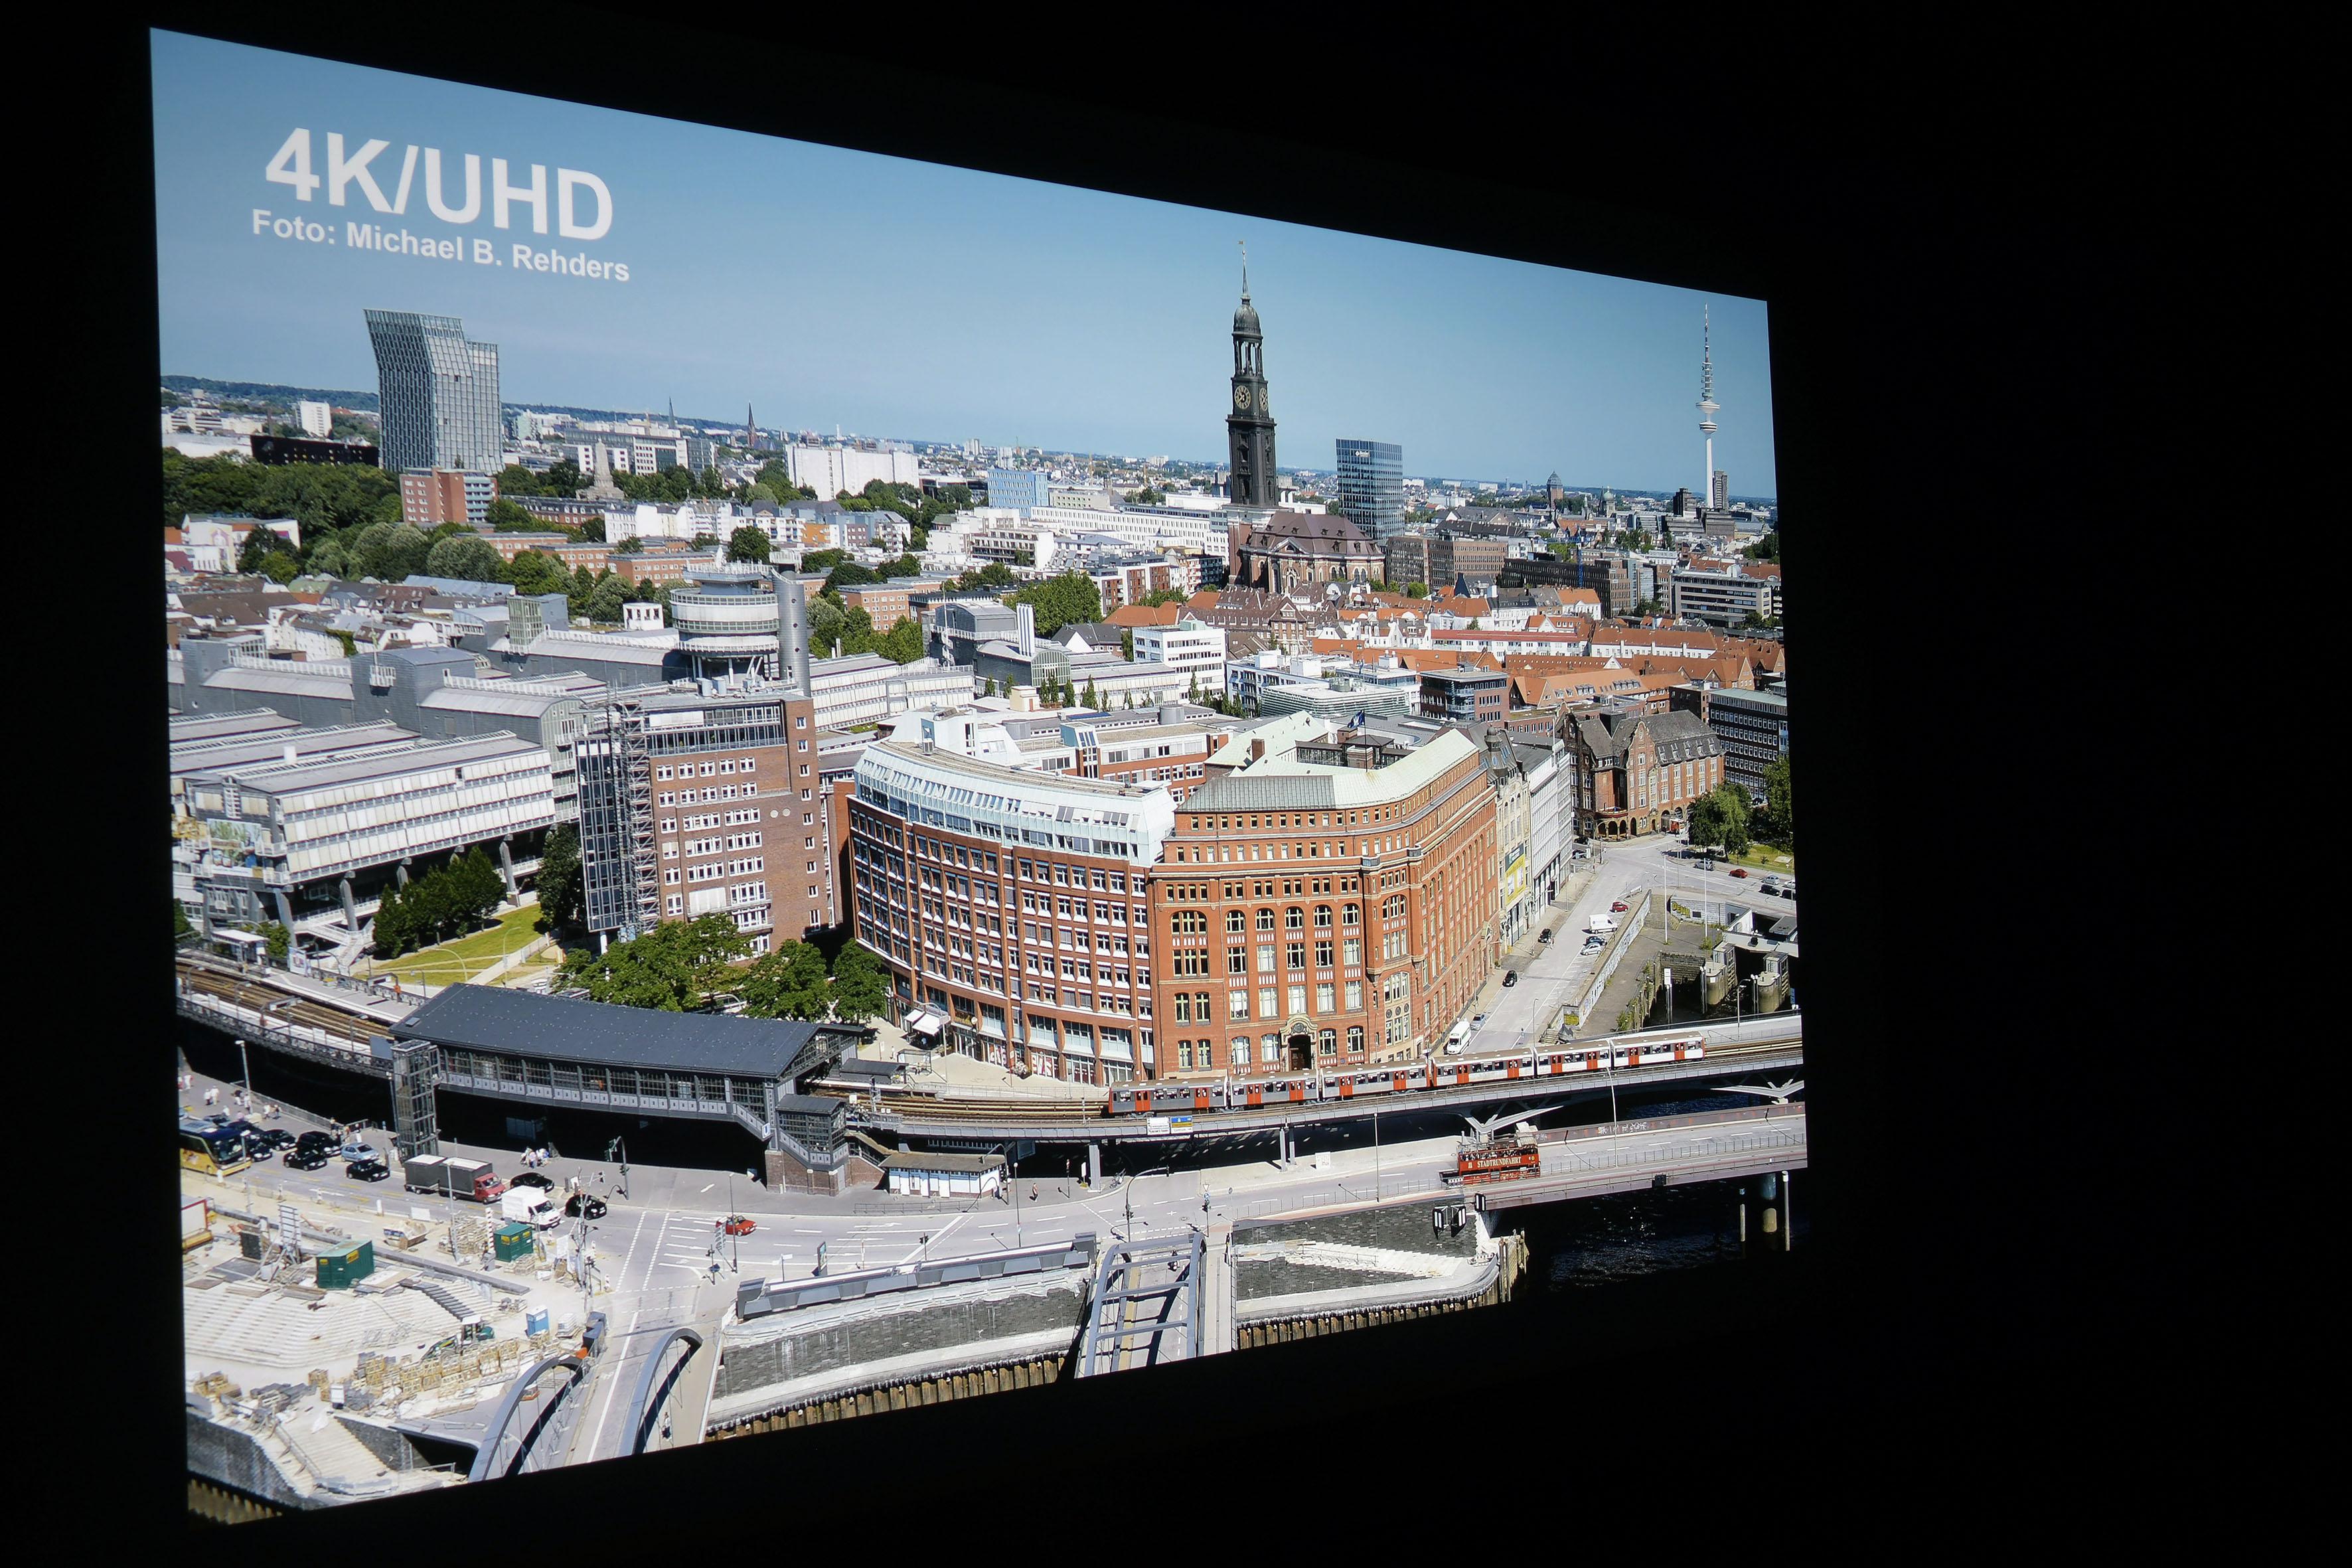 Foto: Michael B. Rehders (Originalaufnahme) Dieses Foto habe ich aus der 21. Etage des Hanseatic Trade Centers in Hamburg geschossen. Es bietet zahllose Details, um Projektoren zu bewerten.